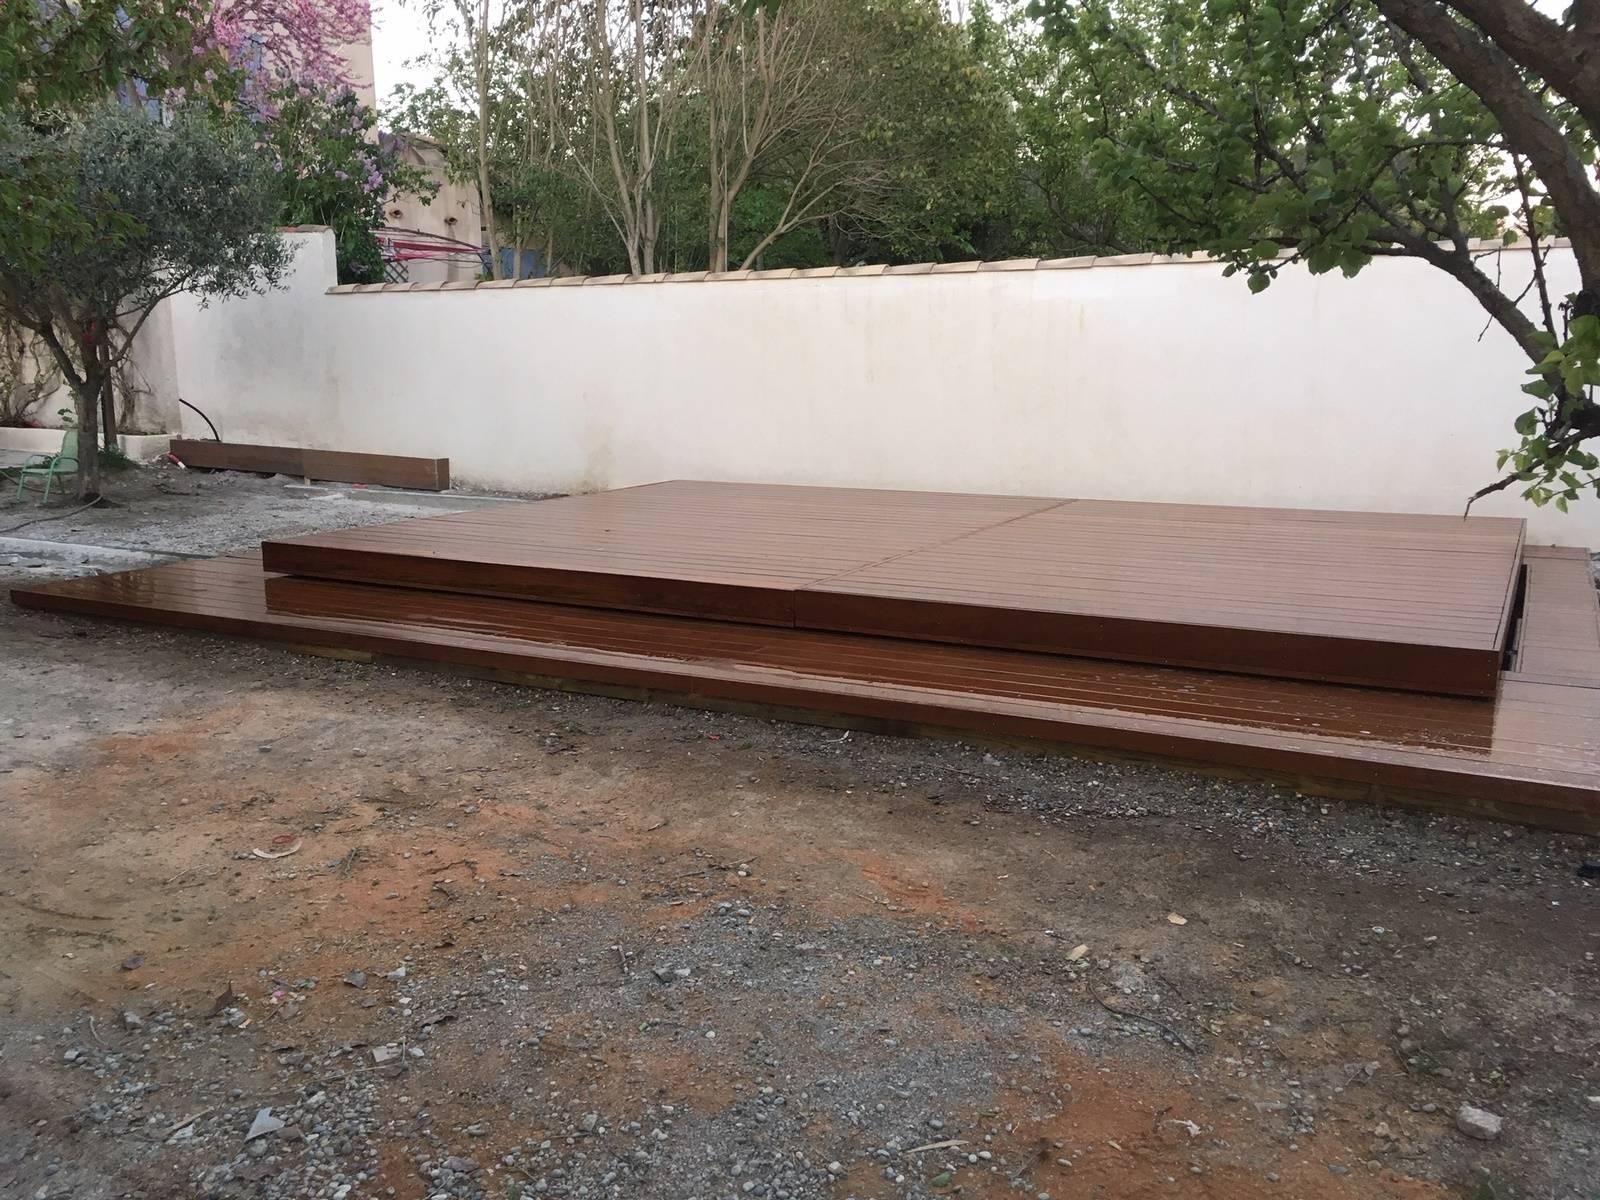 Terrasse Amovible Pour Piscine Rolling Deck Atelier